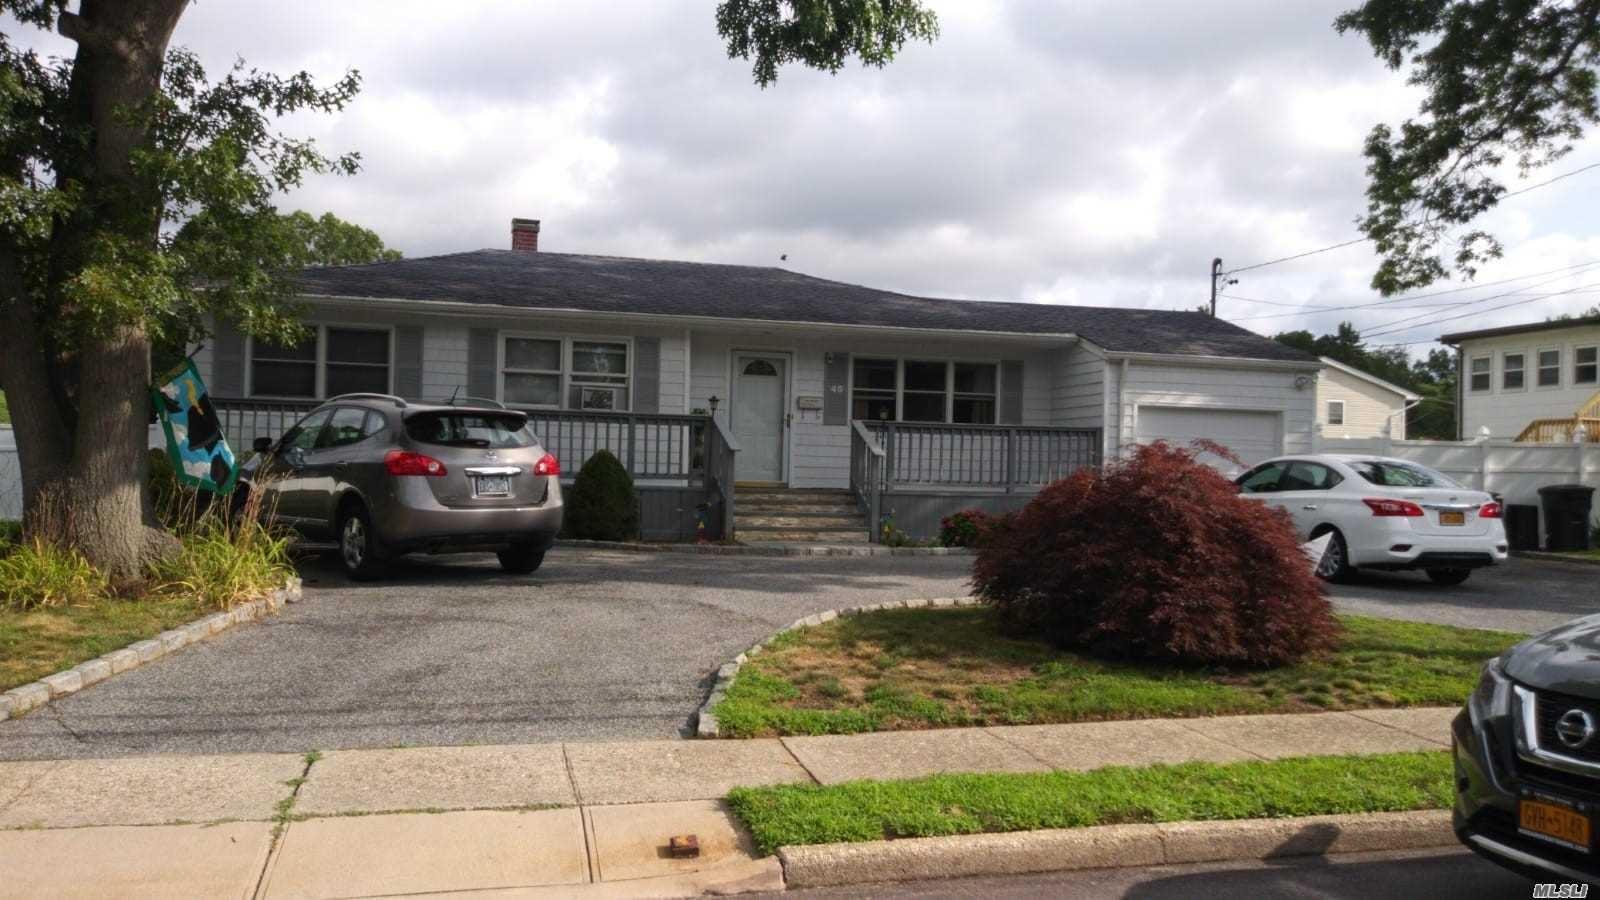 43 Rodney Ave, Islip Terrace, NY 11752 - MLS#: 3239254